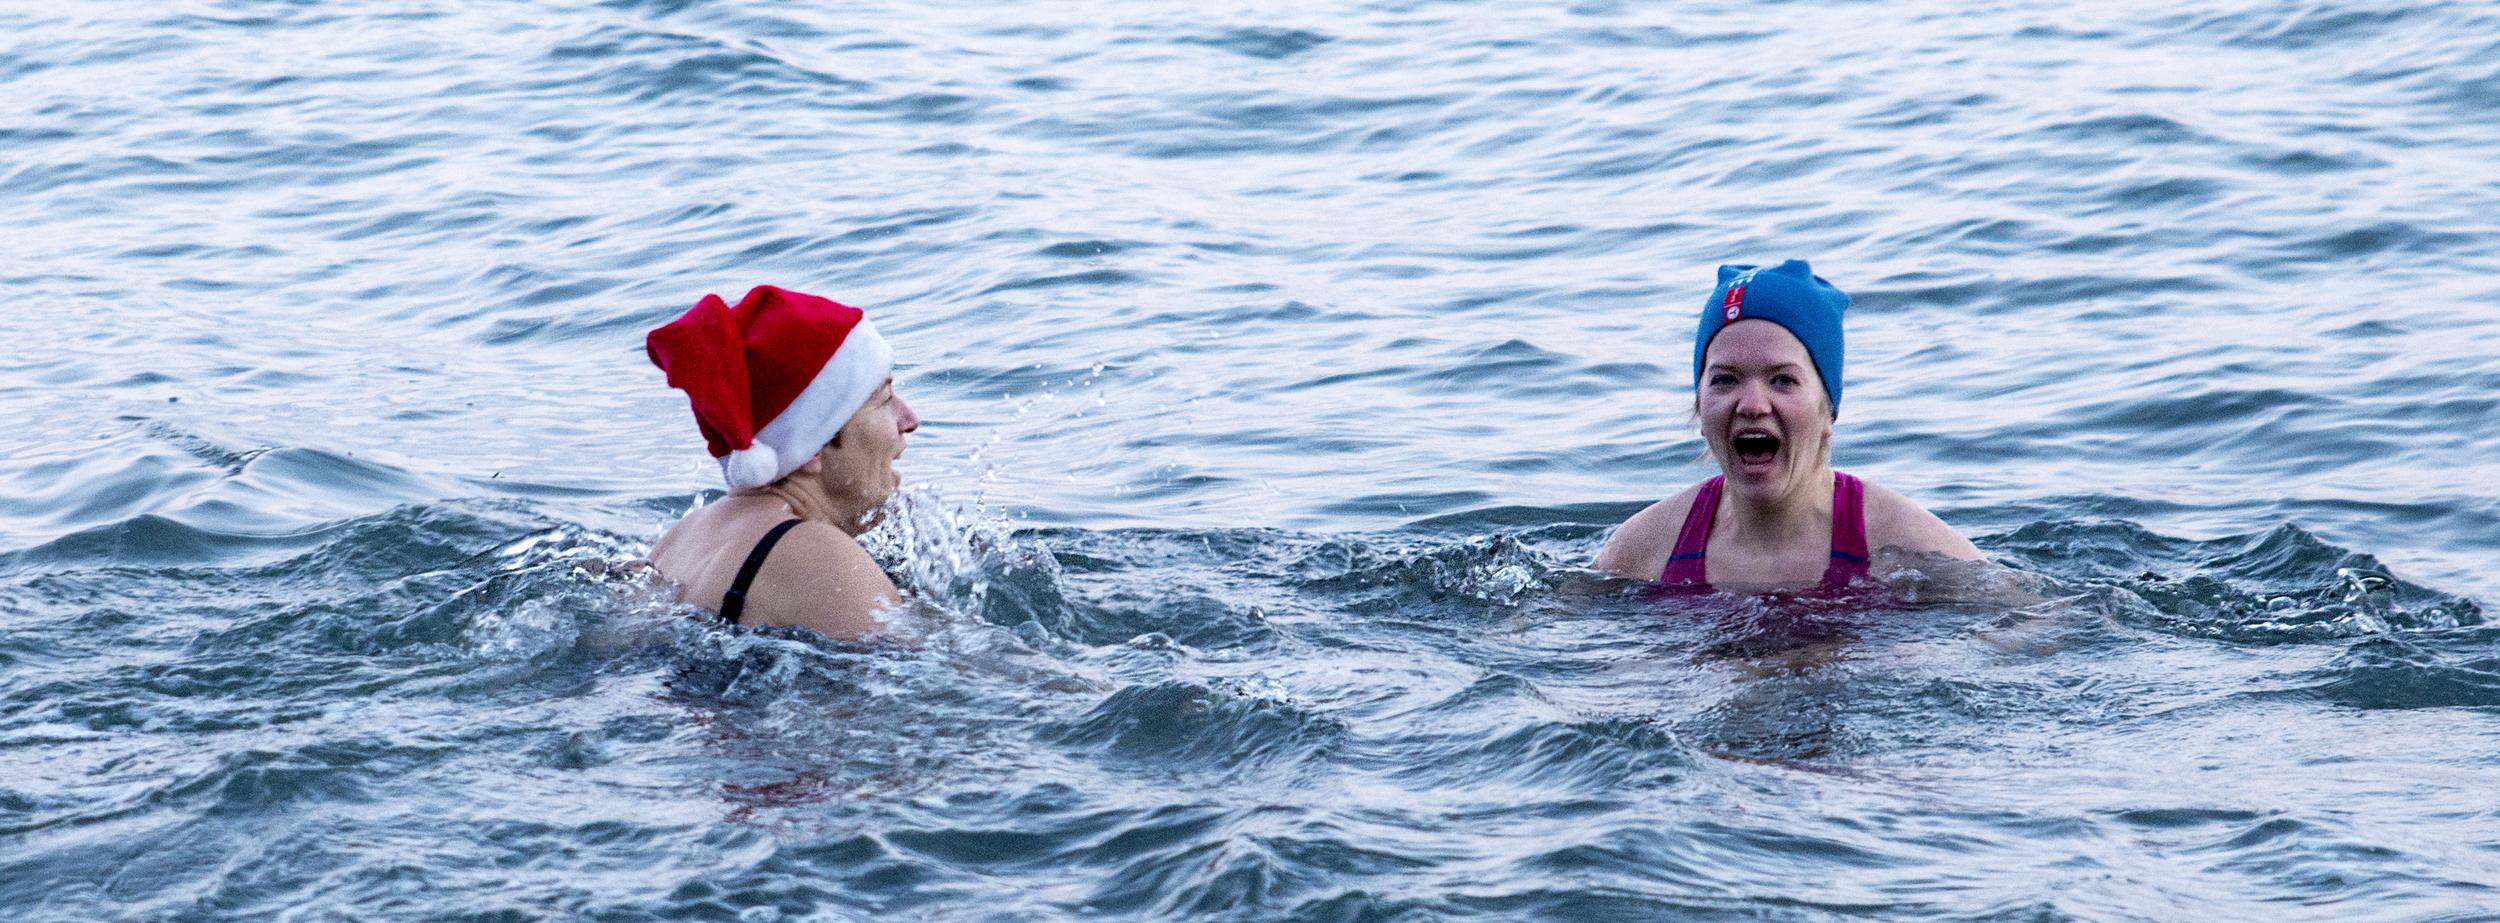 Mor datter hopper i havet.                     Foto: Kjetil Strand